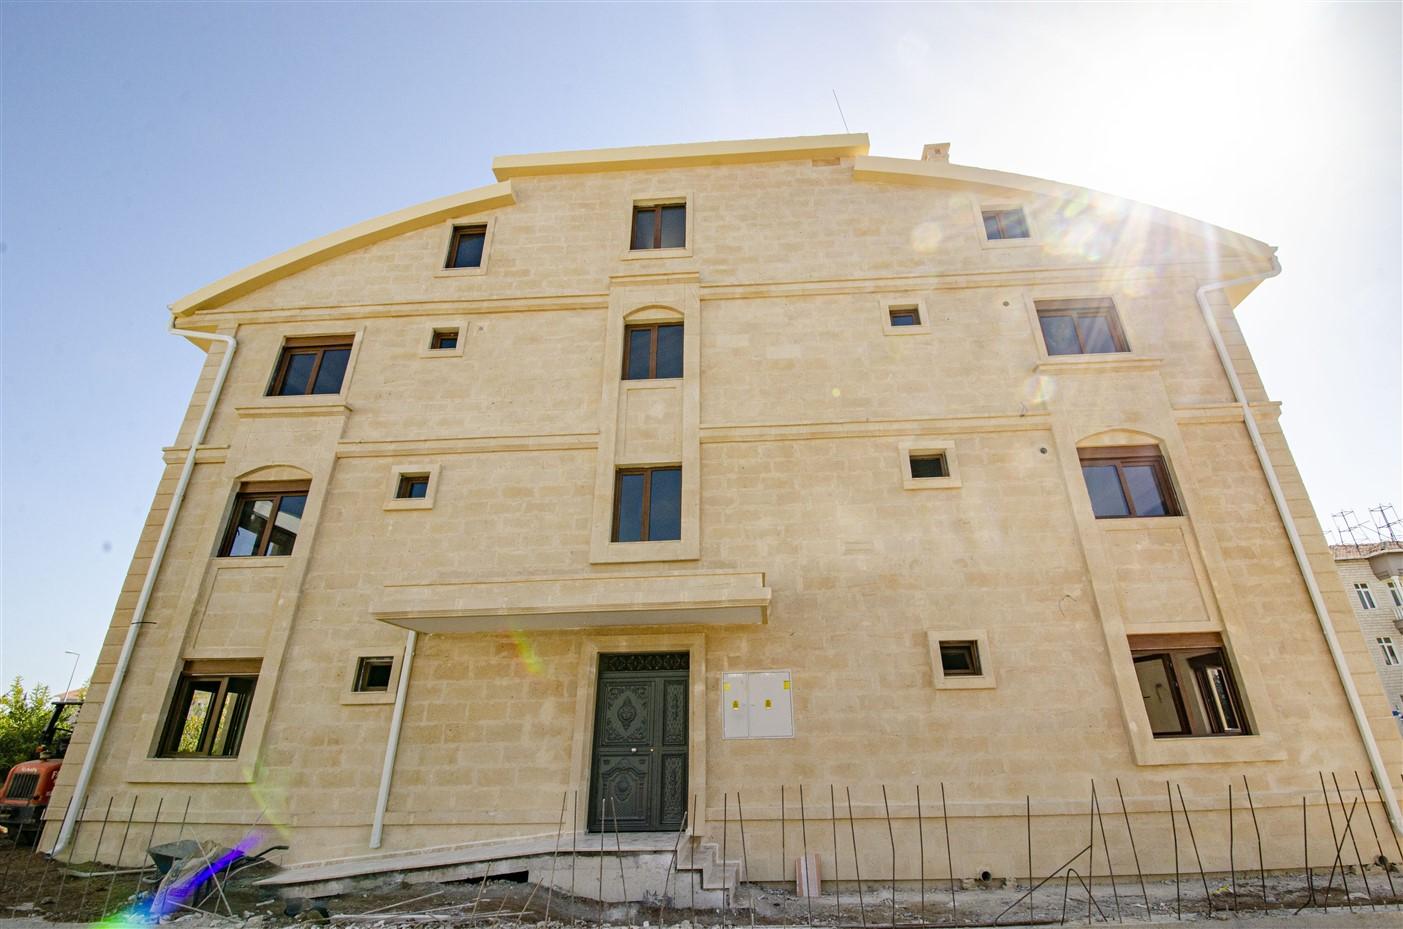 Квартиры 1+1, 2+1 и 3+1 в центре Белека Анталия - Фото 4